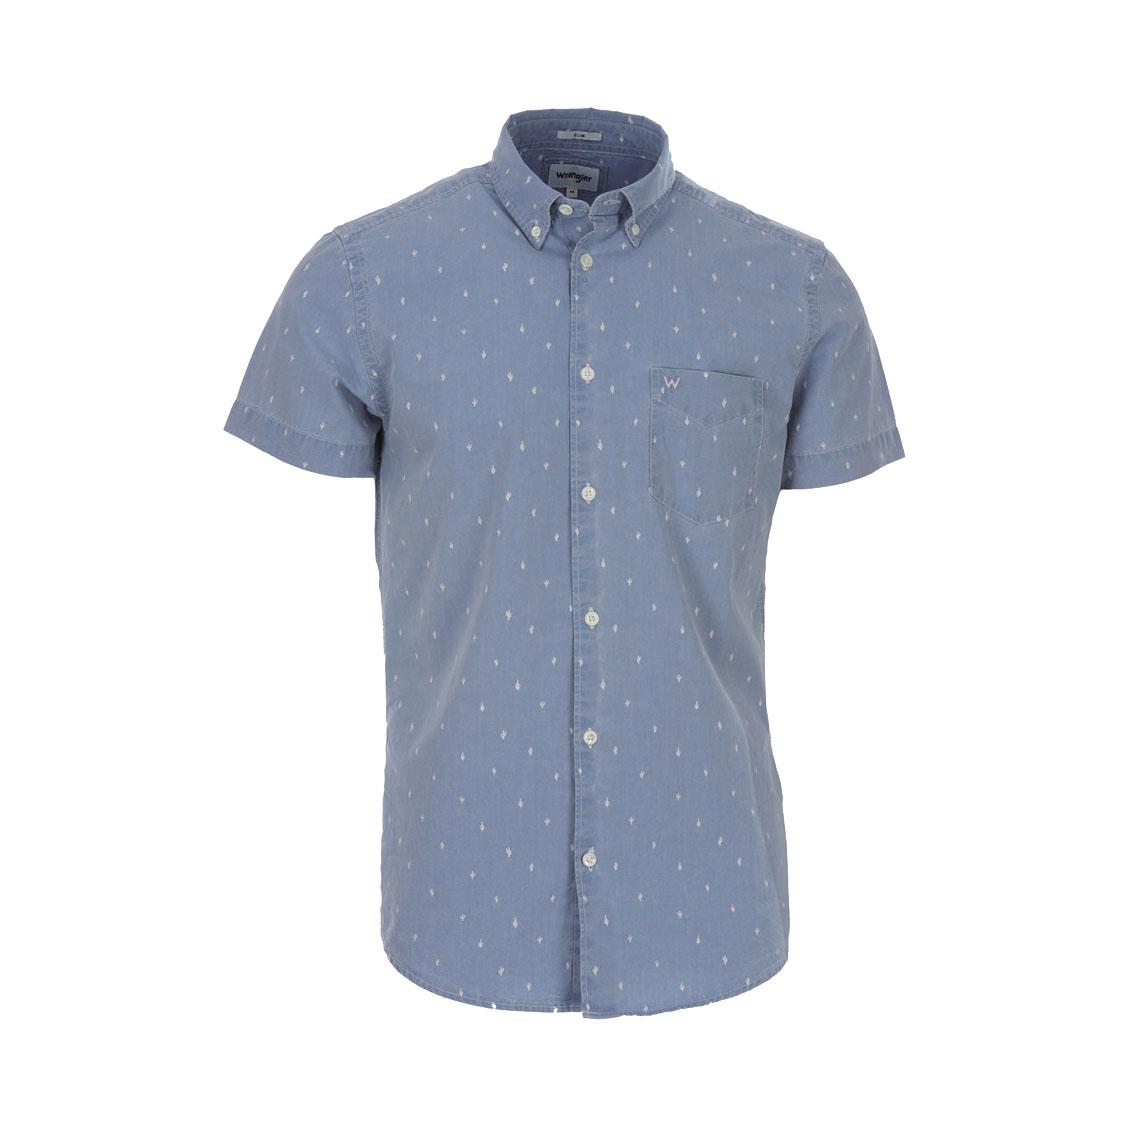 Chemise ajustée manches courtes  en coton bleu denil à imprimés cactus blancs